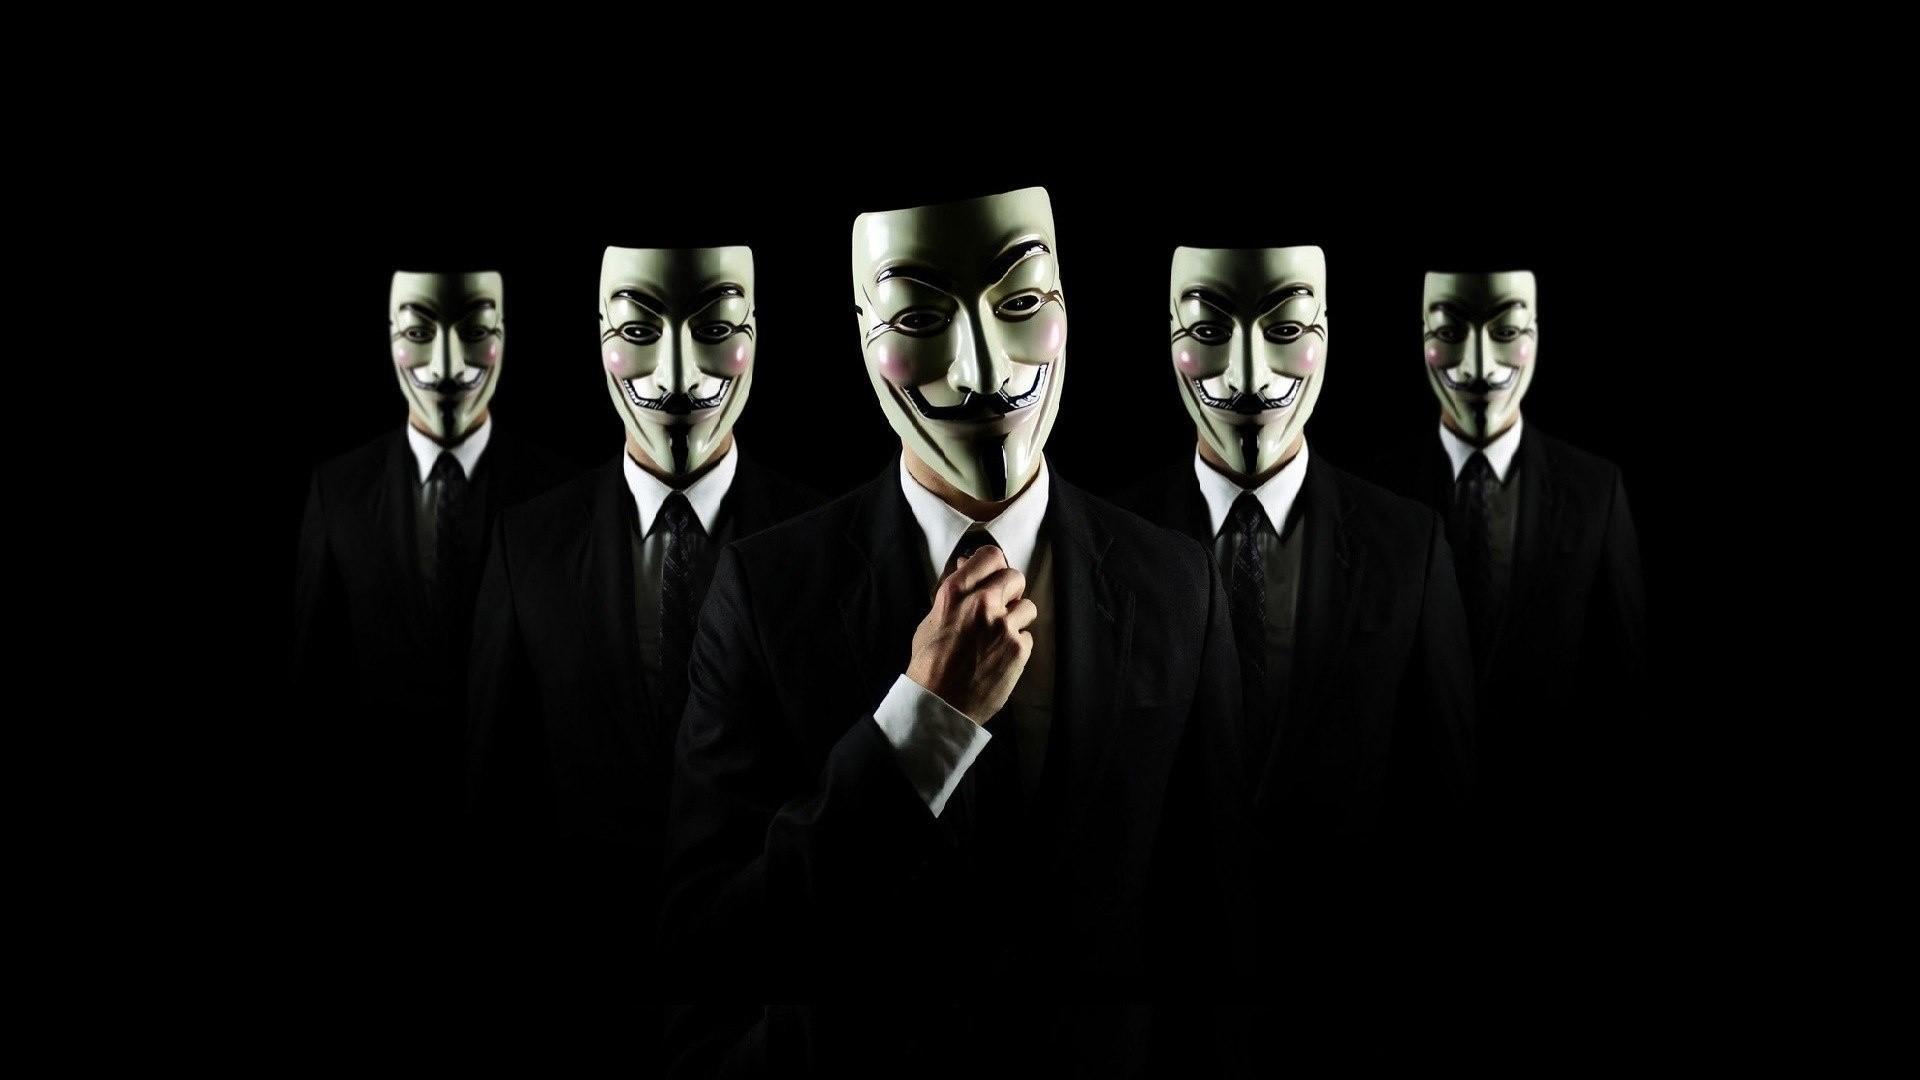 Anonymous HD Desktop Wallpaper. Anonymous HD Desktop Wallpaper 1920×1080